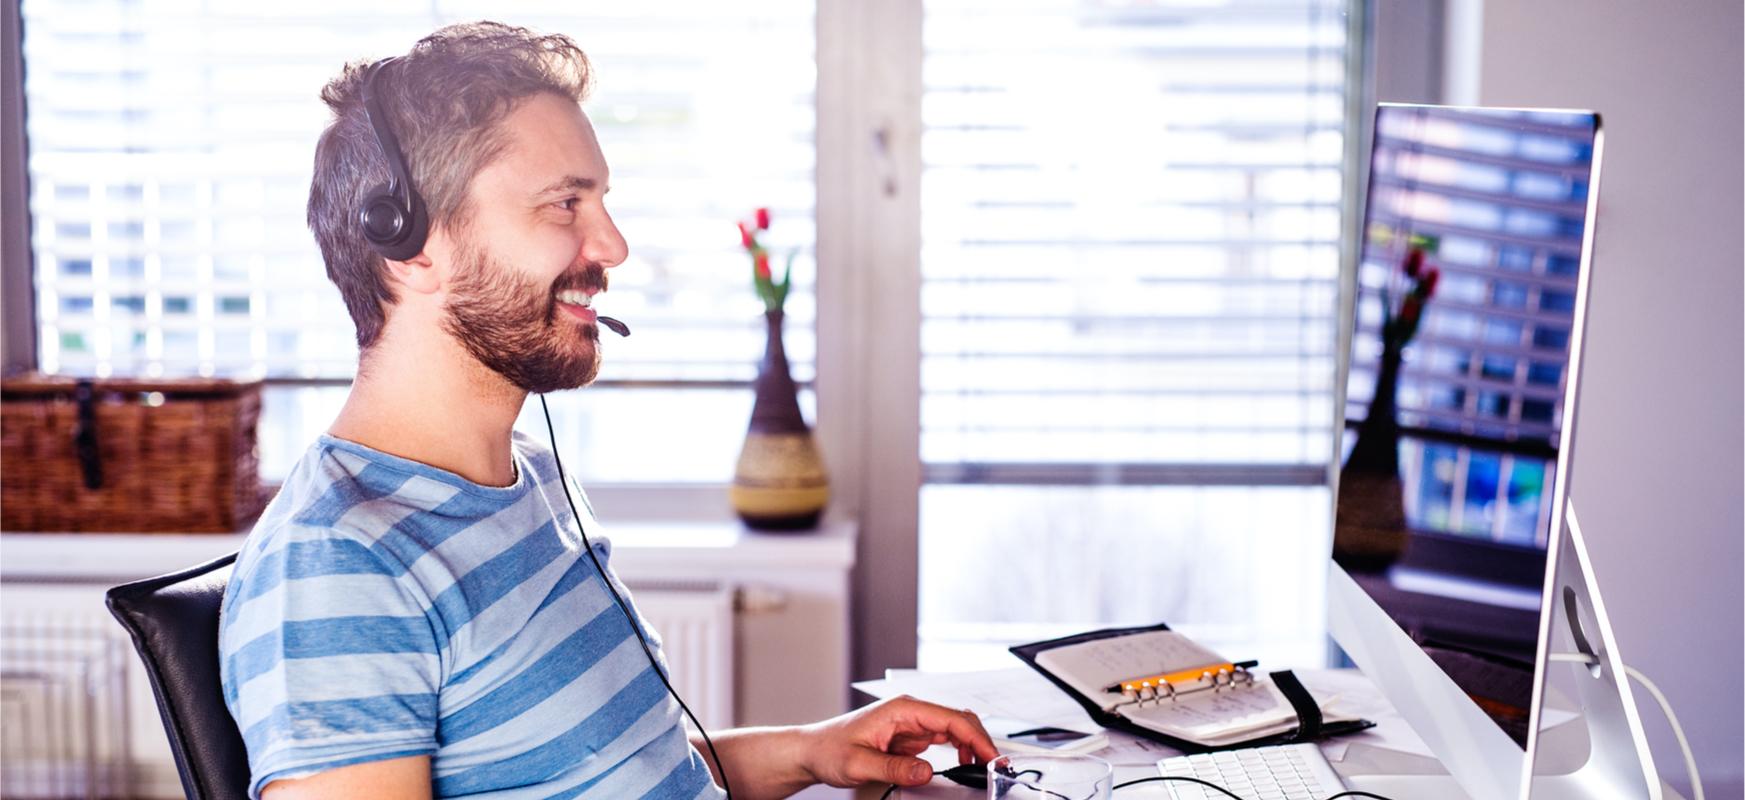 #HomeOffice: zure negozioa sarean eramatea ezinbestekoa da